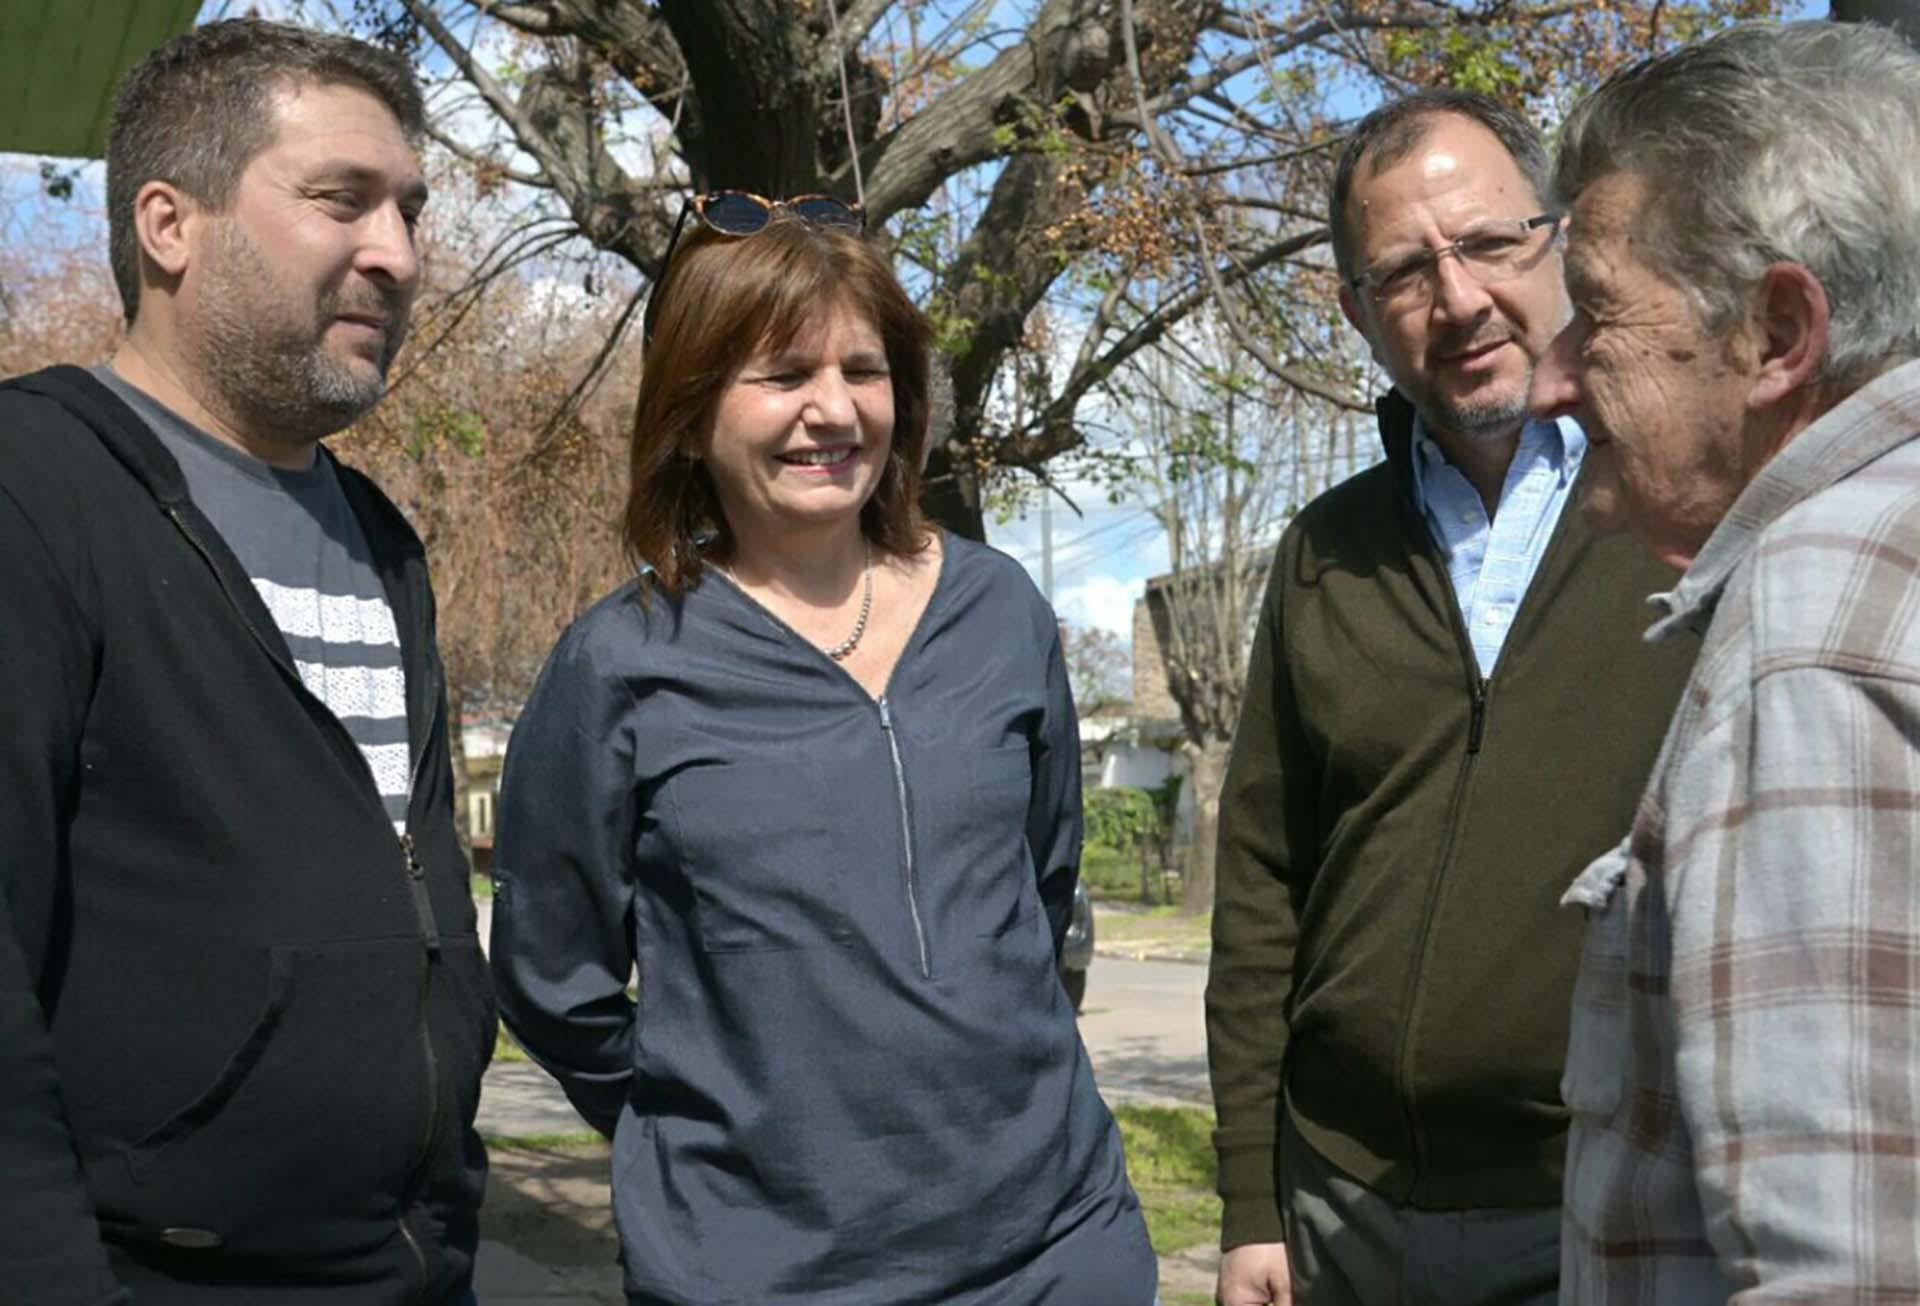 La ministra de Seguridad, Patricia Bullrich, junto a Fabián Perechodnik, Secretario General del Gobierno de la provincia de Buenos Aires